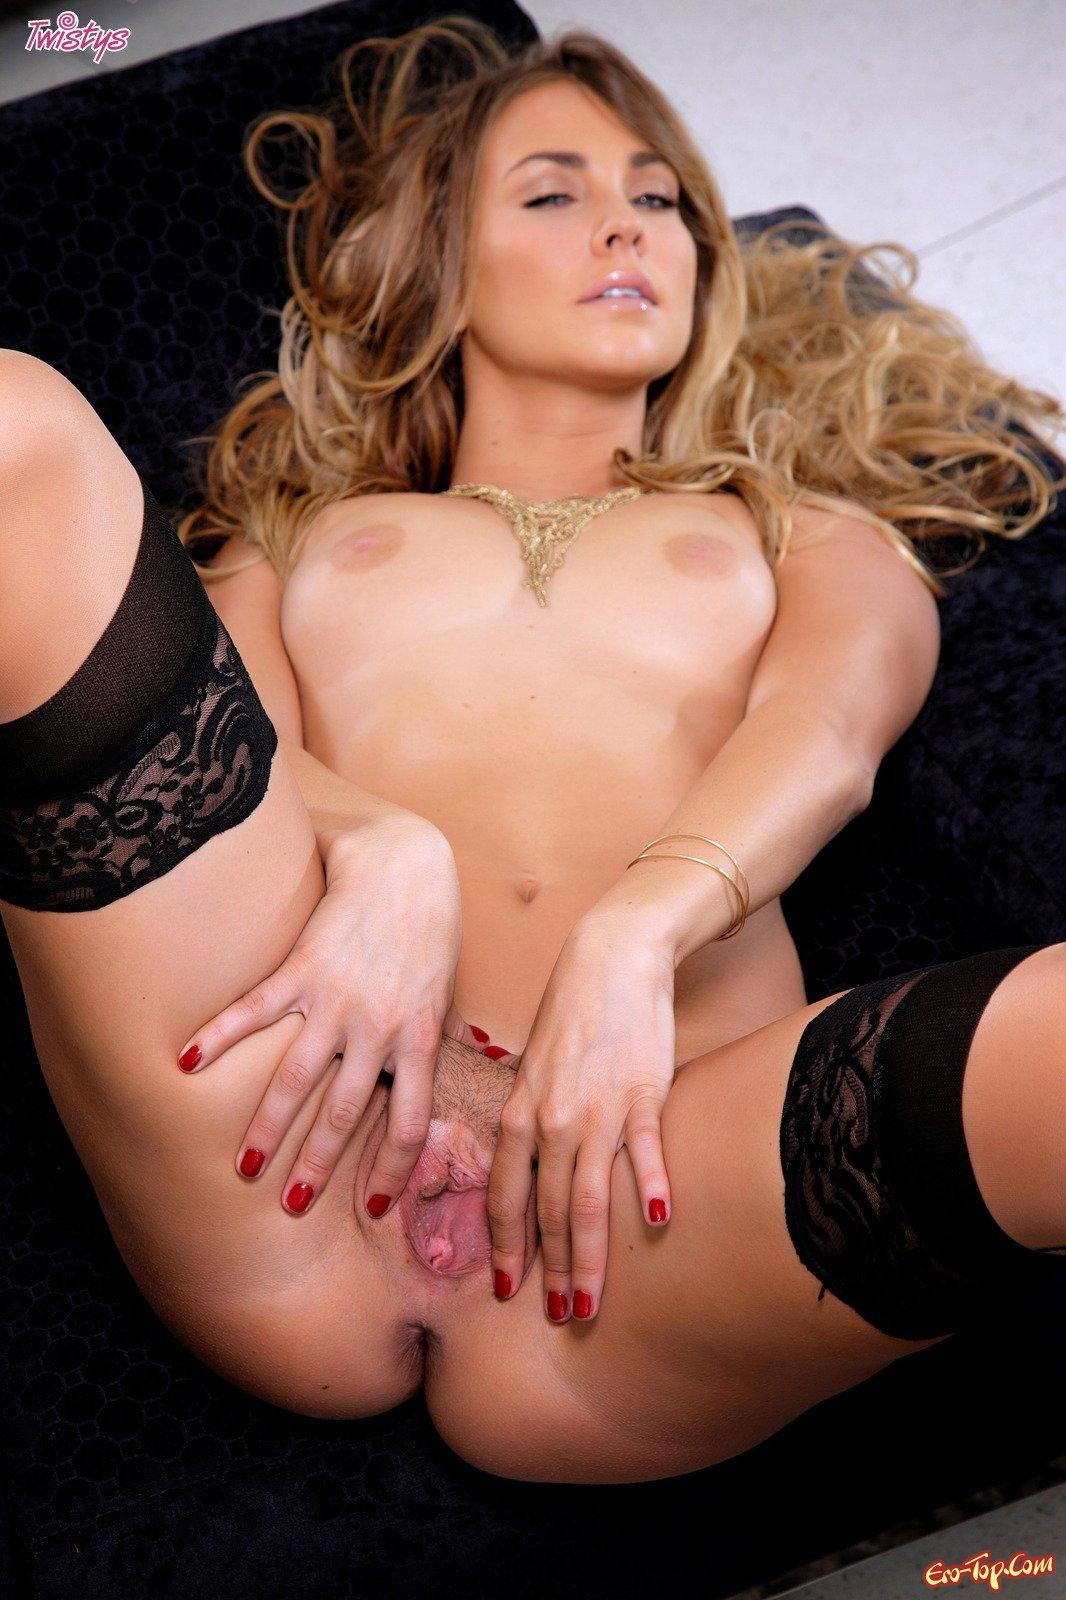 Телки раздвигают половые губы фото 3 фотография